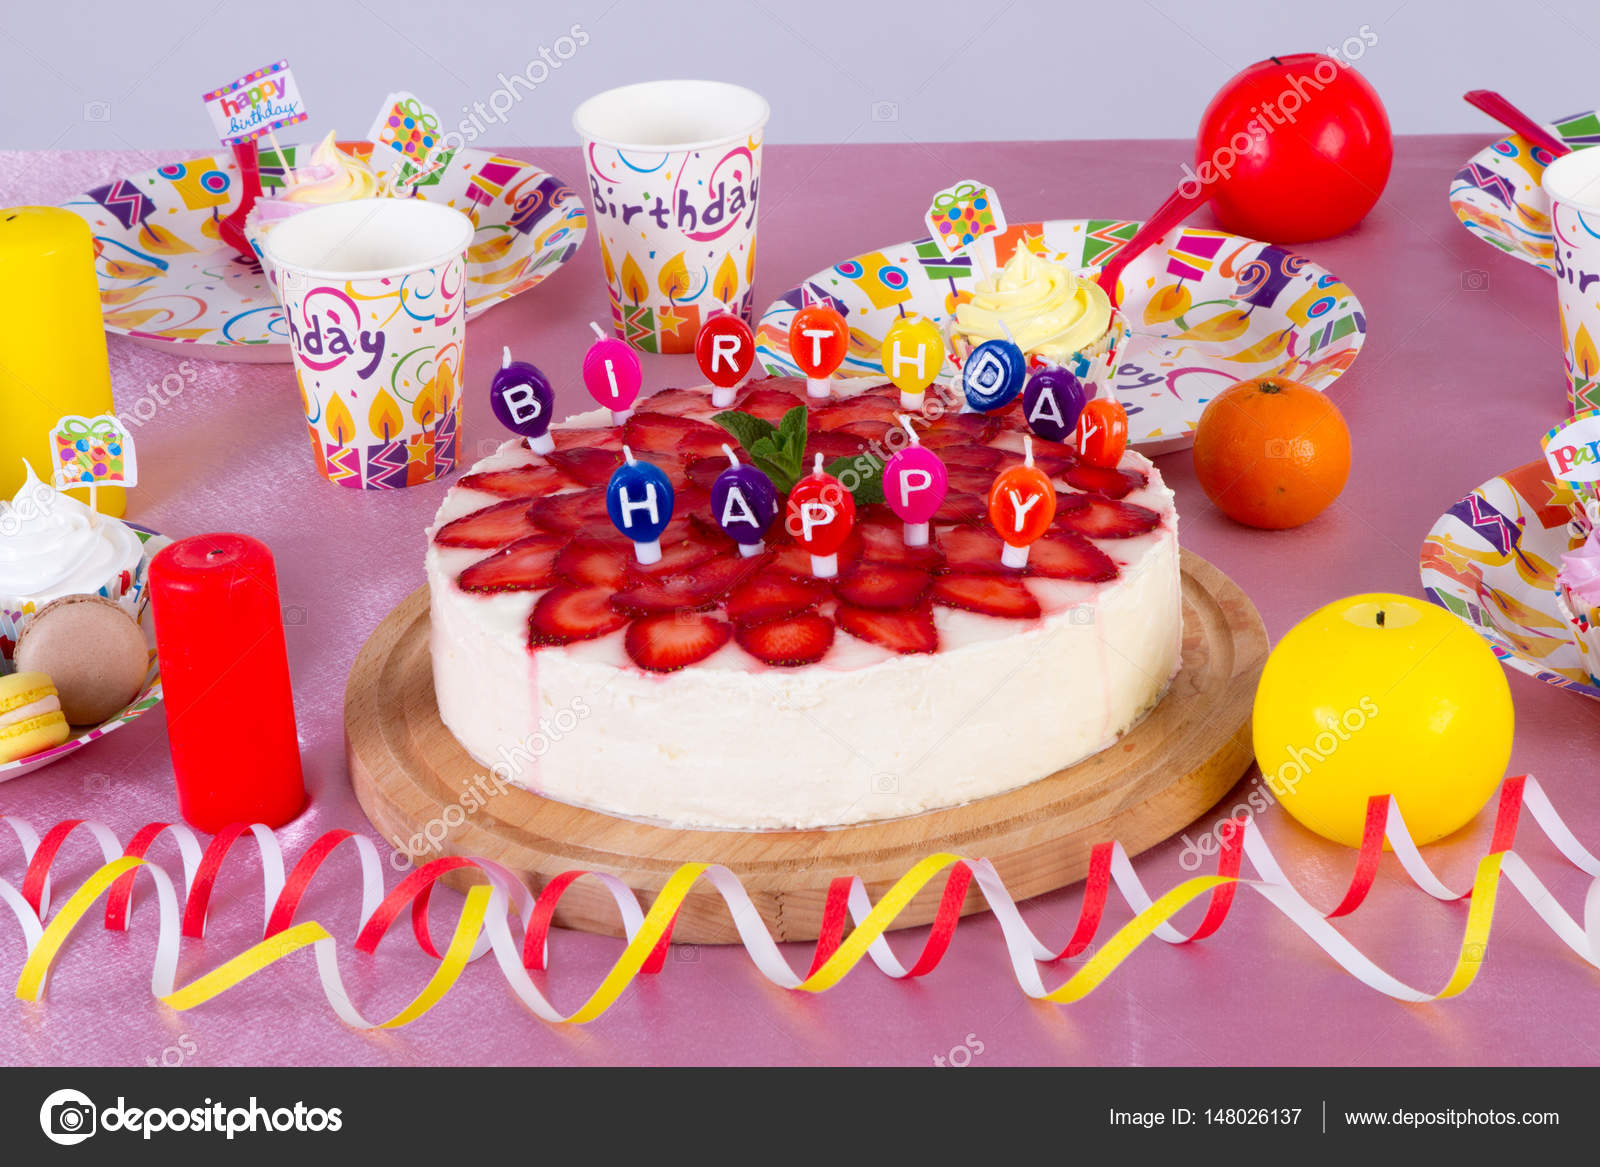 Colorful Dekoration Geburtstag Partei Tabelle Mit Kuchen Und